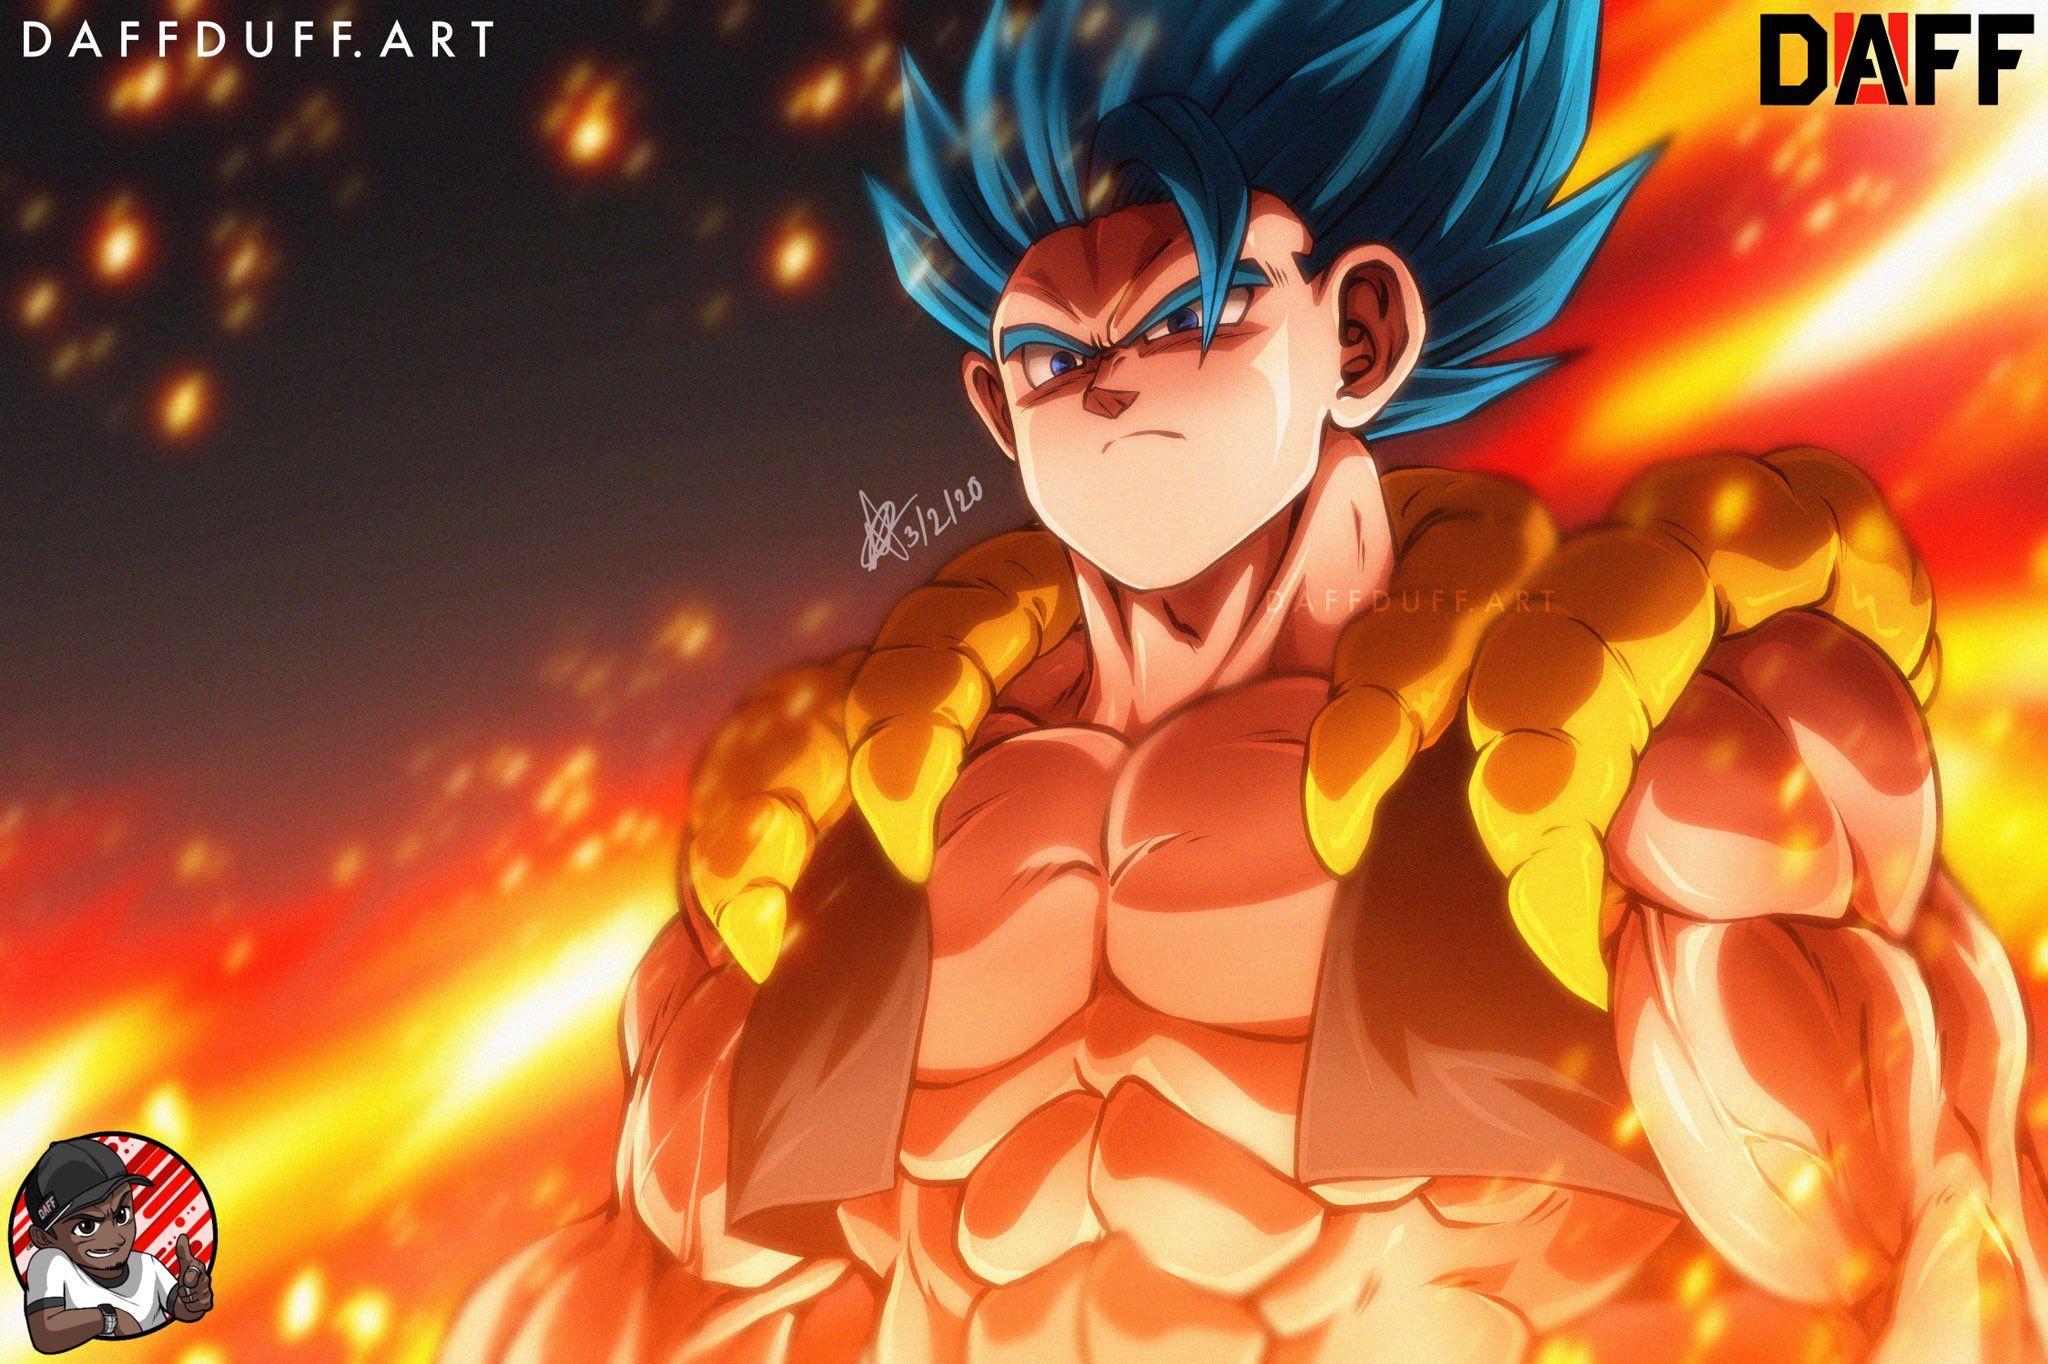 Pin By Thatguywho On Dragon Ball Anime Dragon Ball Super Anime Dragon Ball Dragon Ball Goku